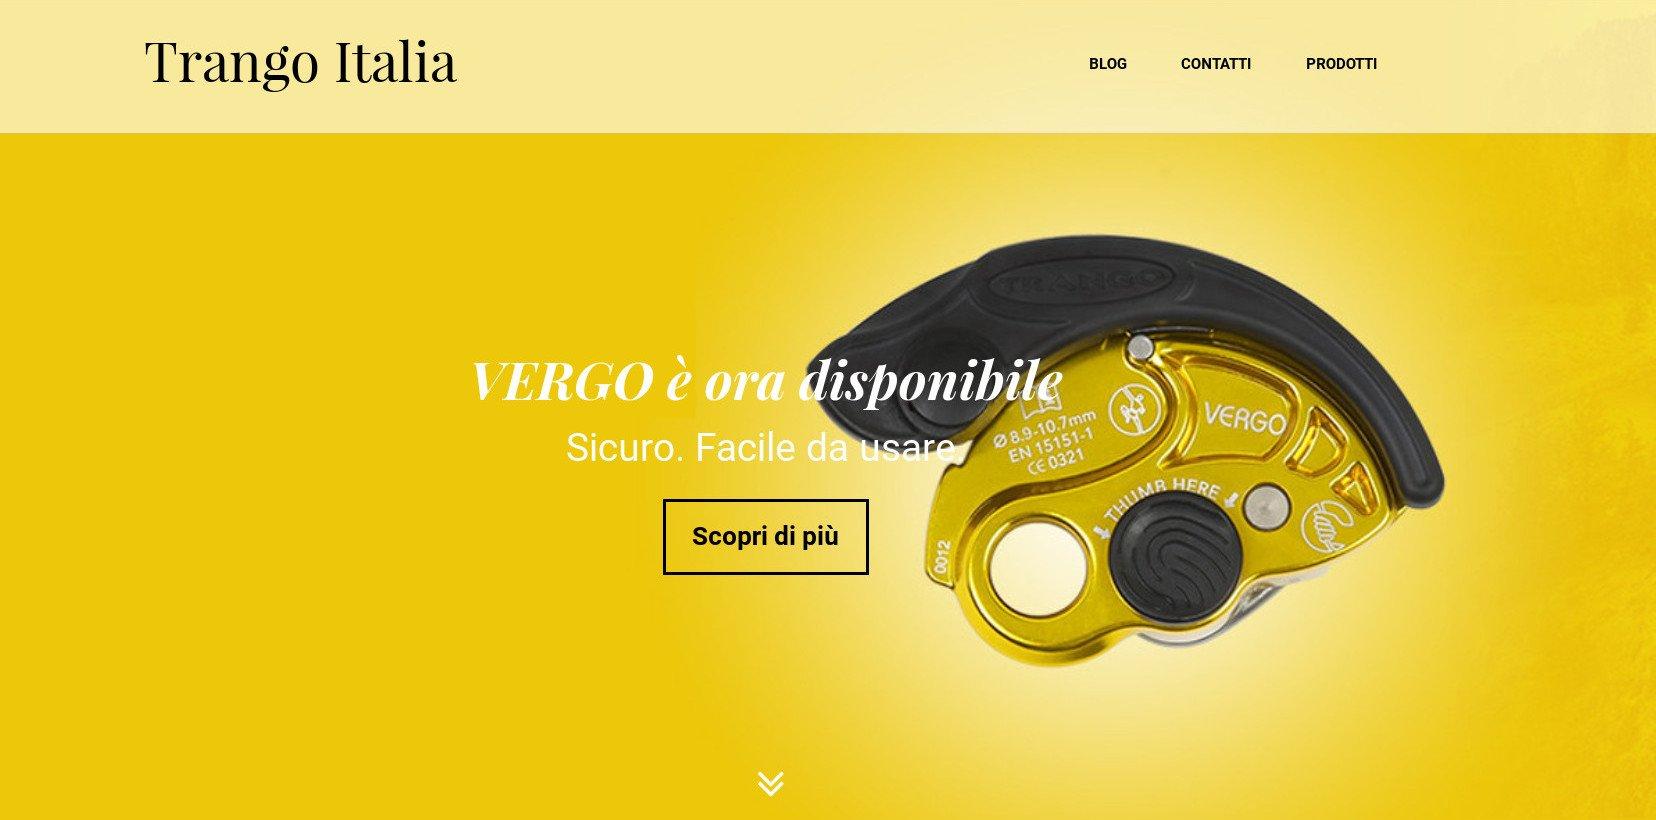 Nuovo sito e-commerce Trango Italia